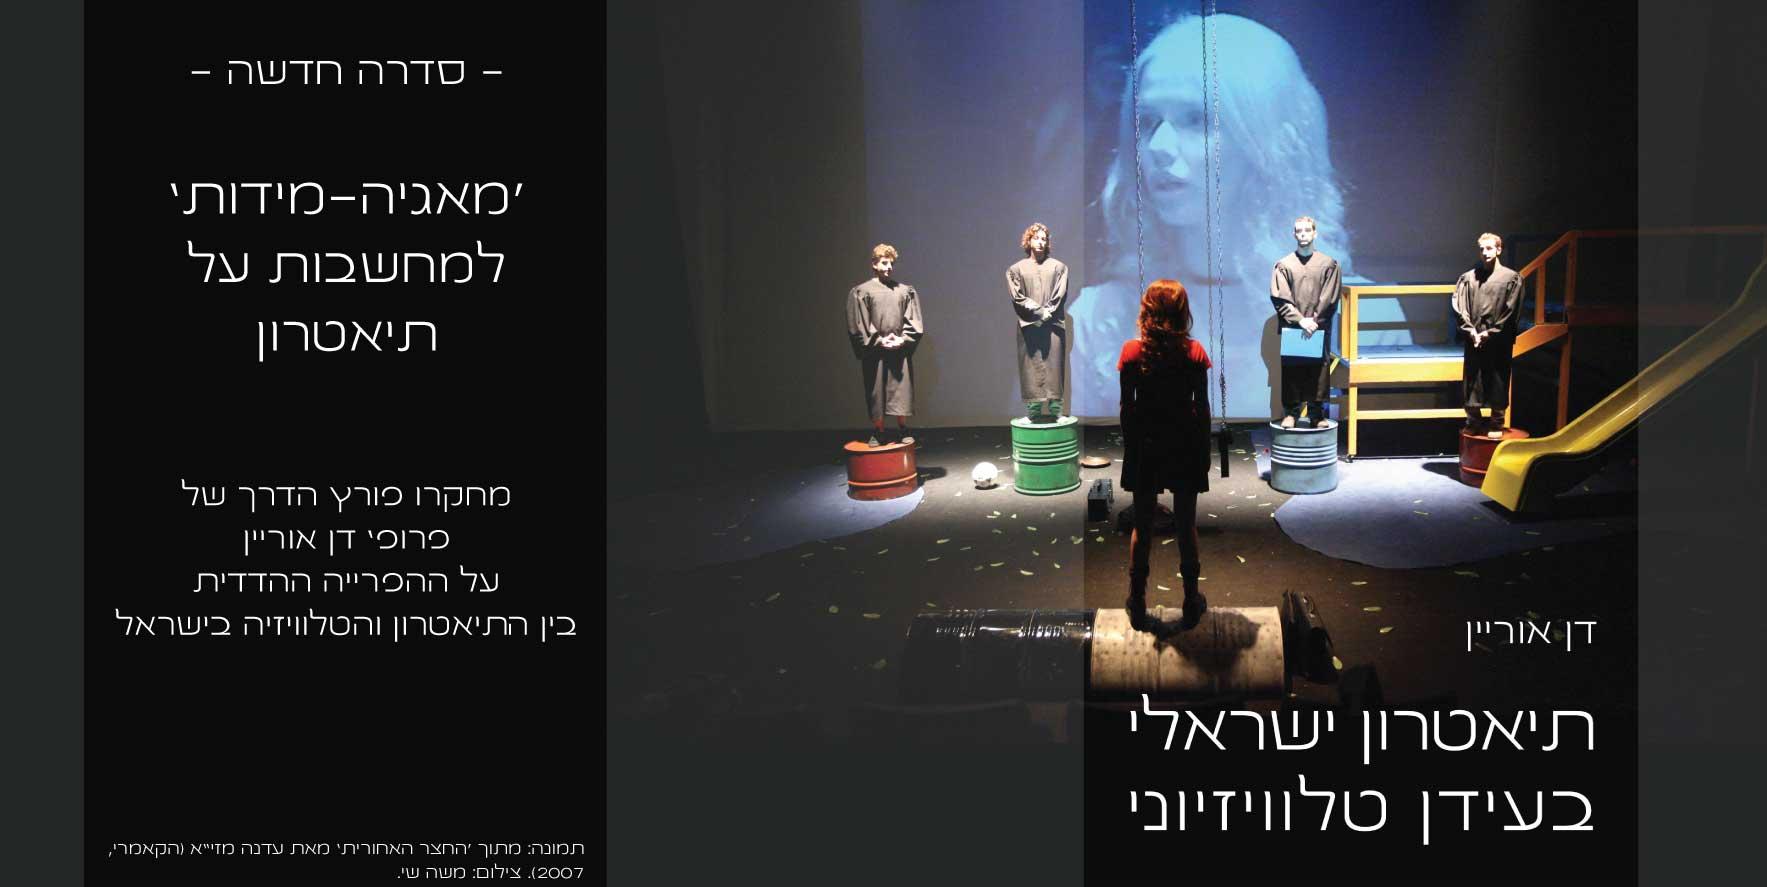 באנר פרסום לספר 'תיאטרון ישראלי בעידן טלוויזיוני'/דן אוריין (צילום על העטיפה: משה שי)